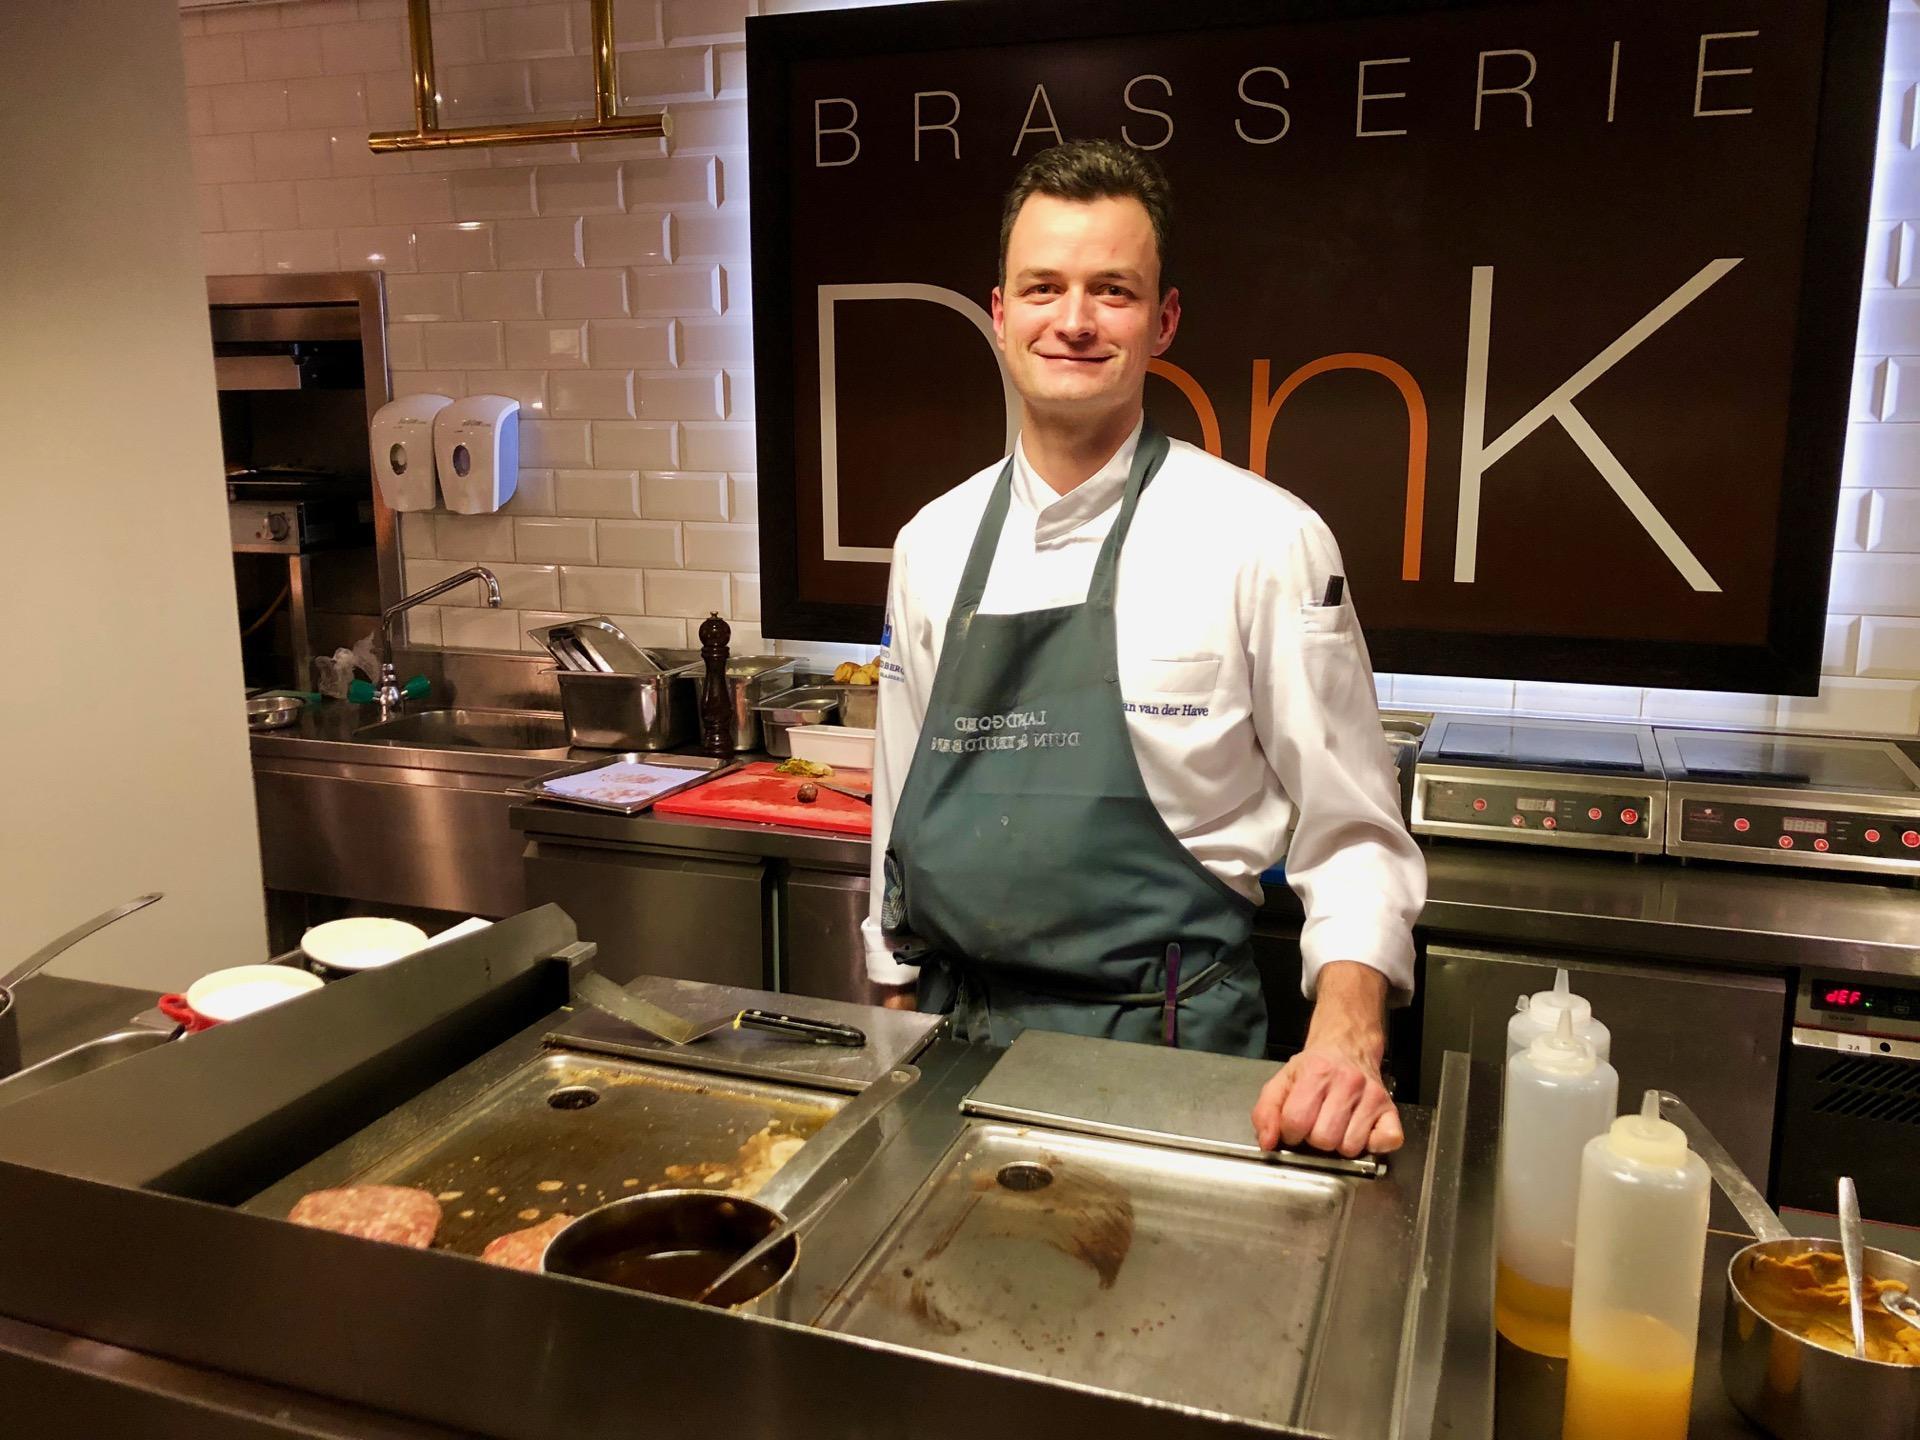 DenK kok Velsen City Blog